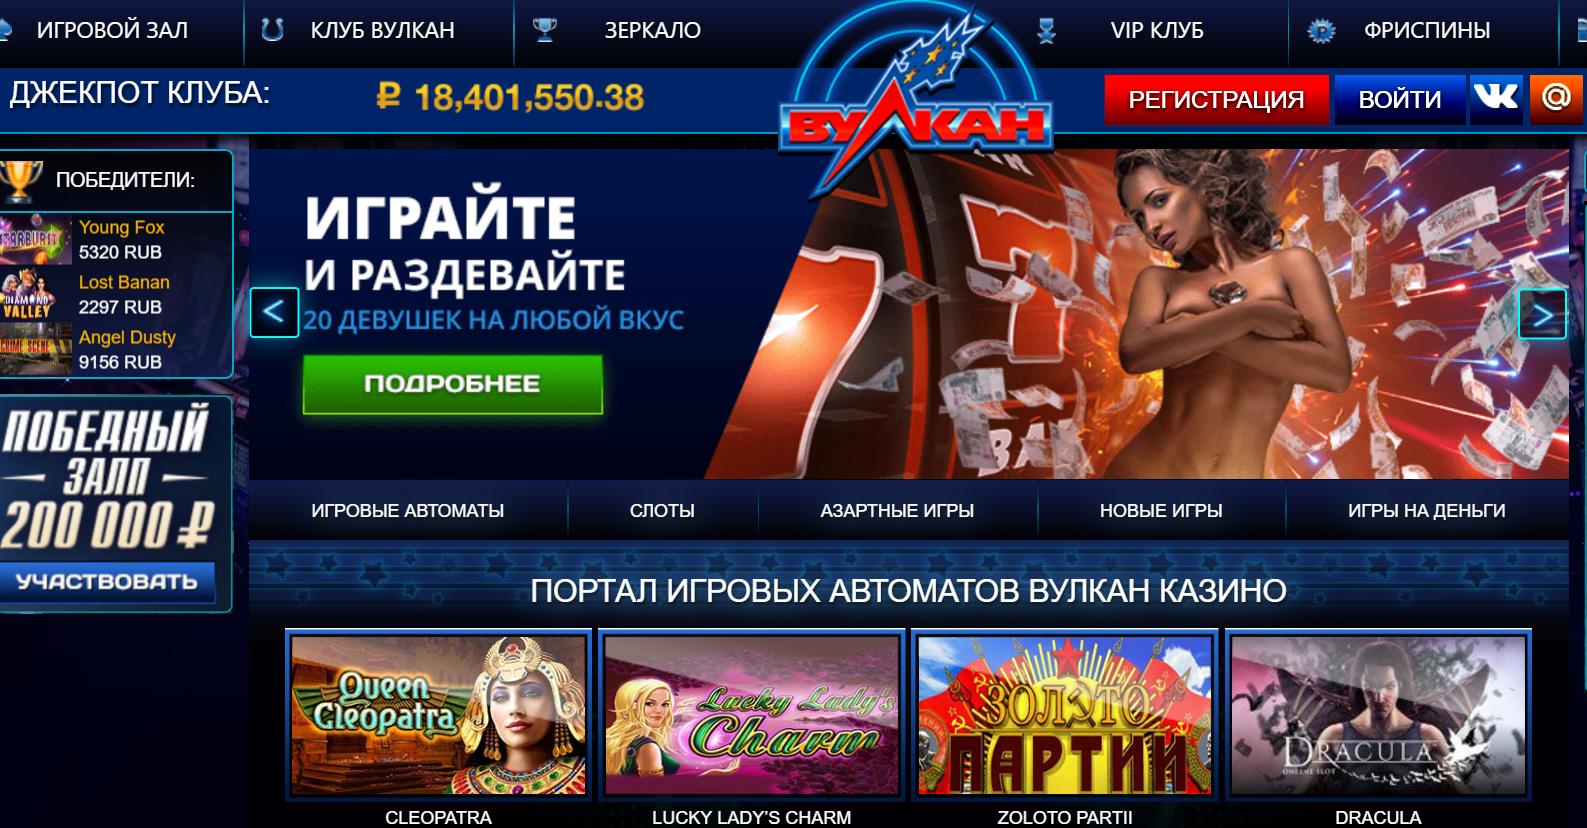 Как играть и выигрывать в Вулкан казино онлайн?